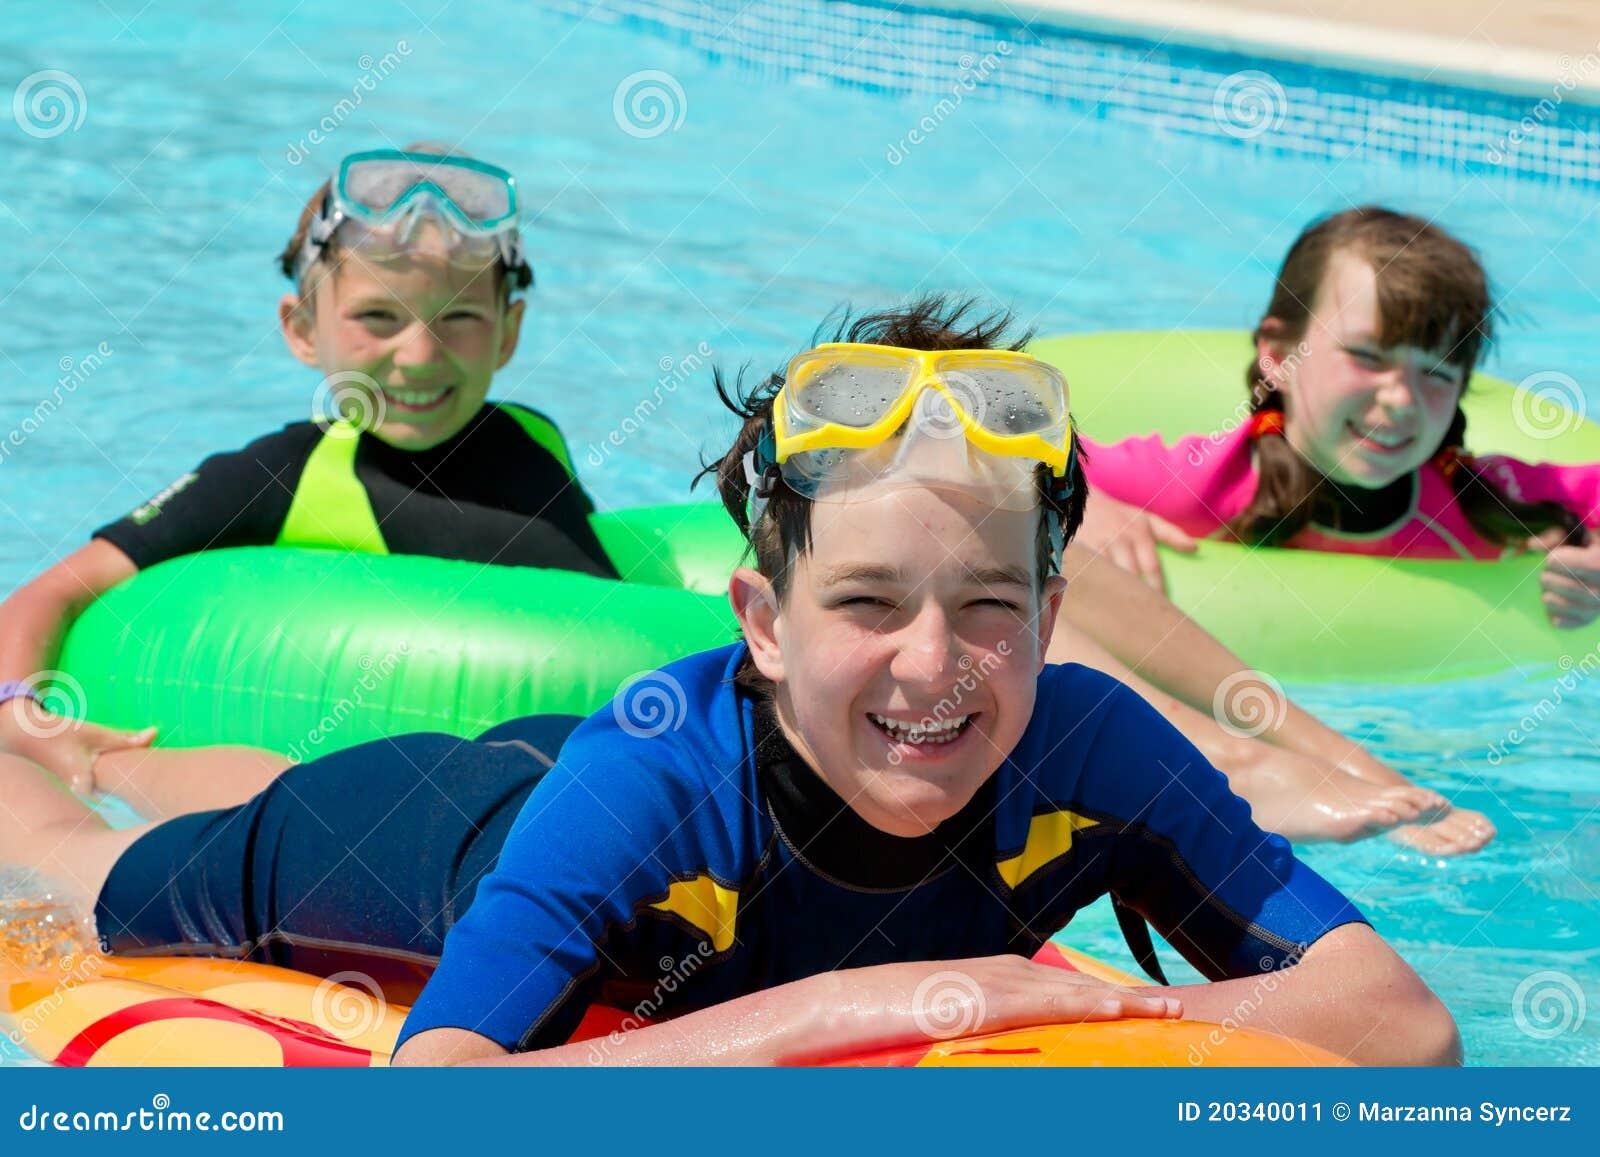 Kids Playing In Swimming Pool Stock Image - Image: 20340011